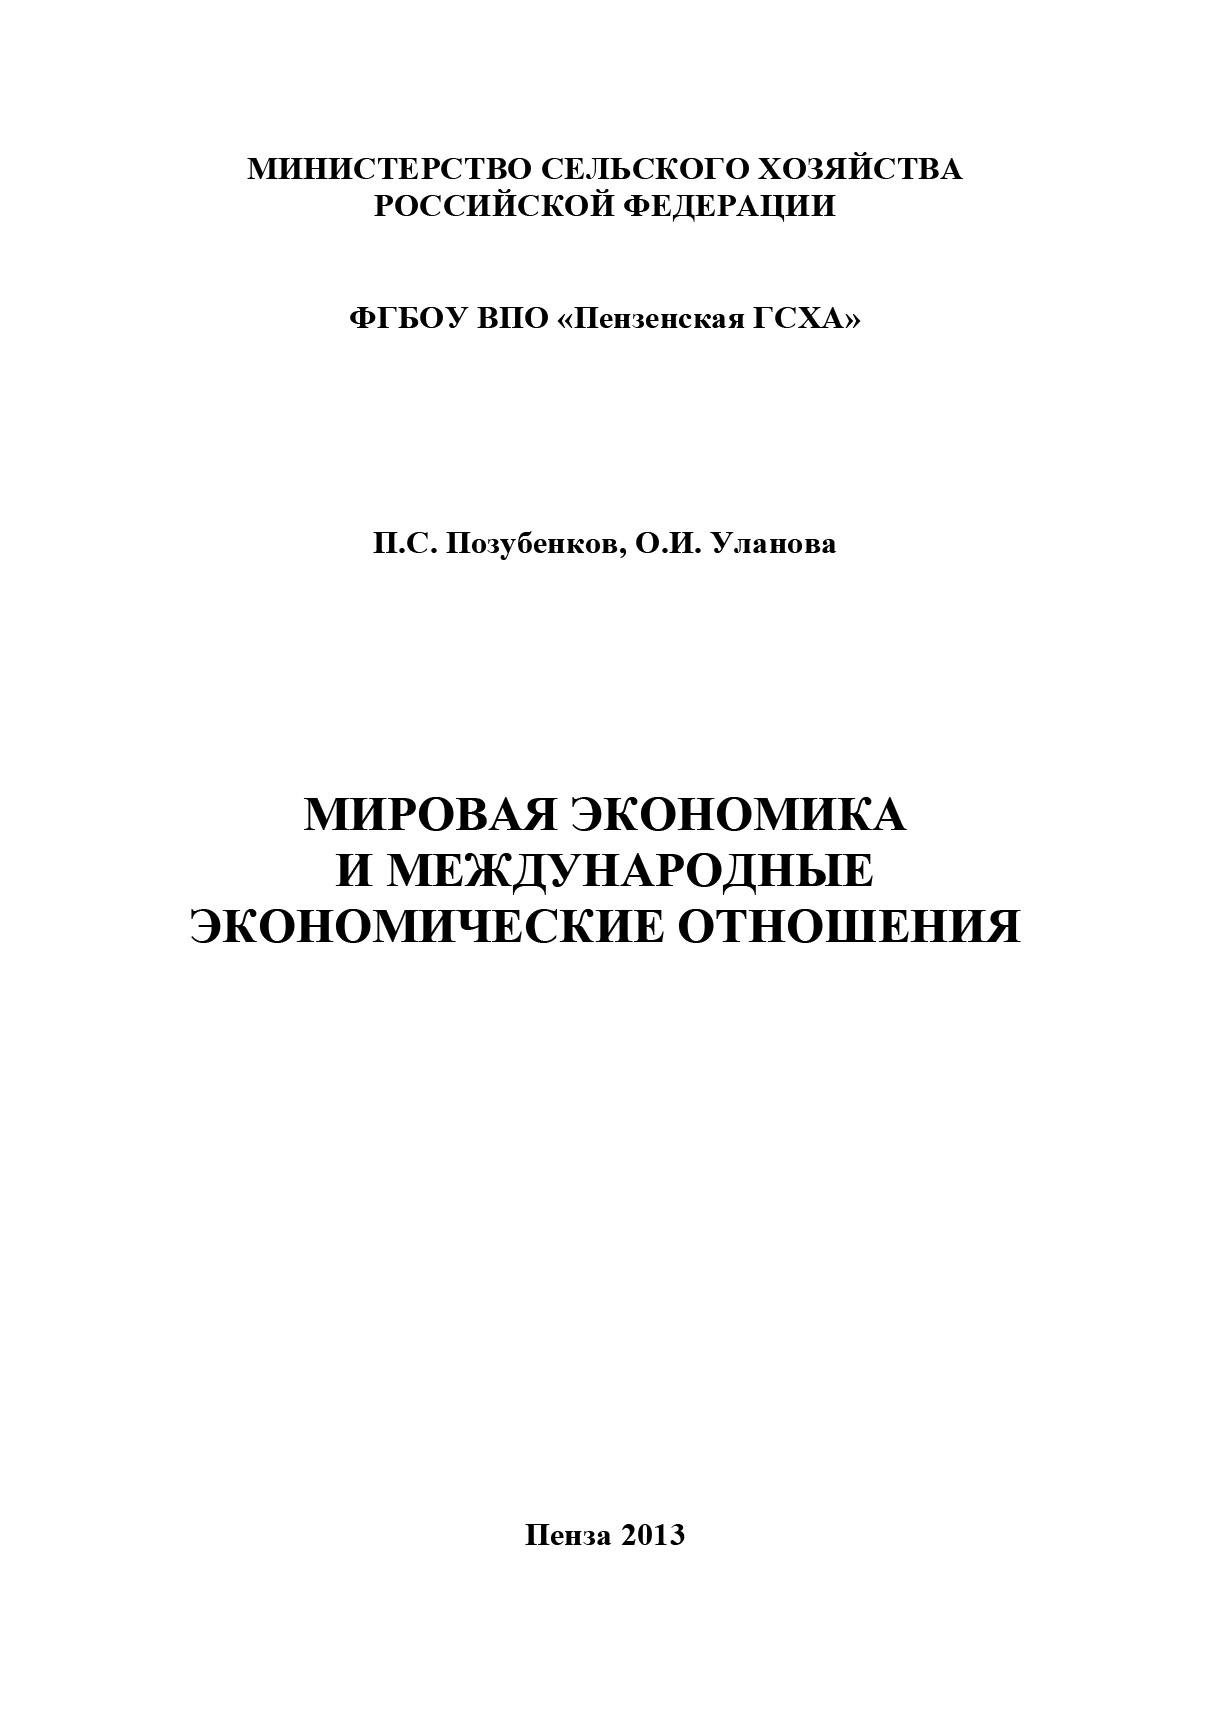 П. С. Позубенков Мировая экономика и международные экономические отношения научная литература как источник специальных знаний